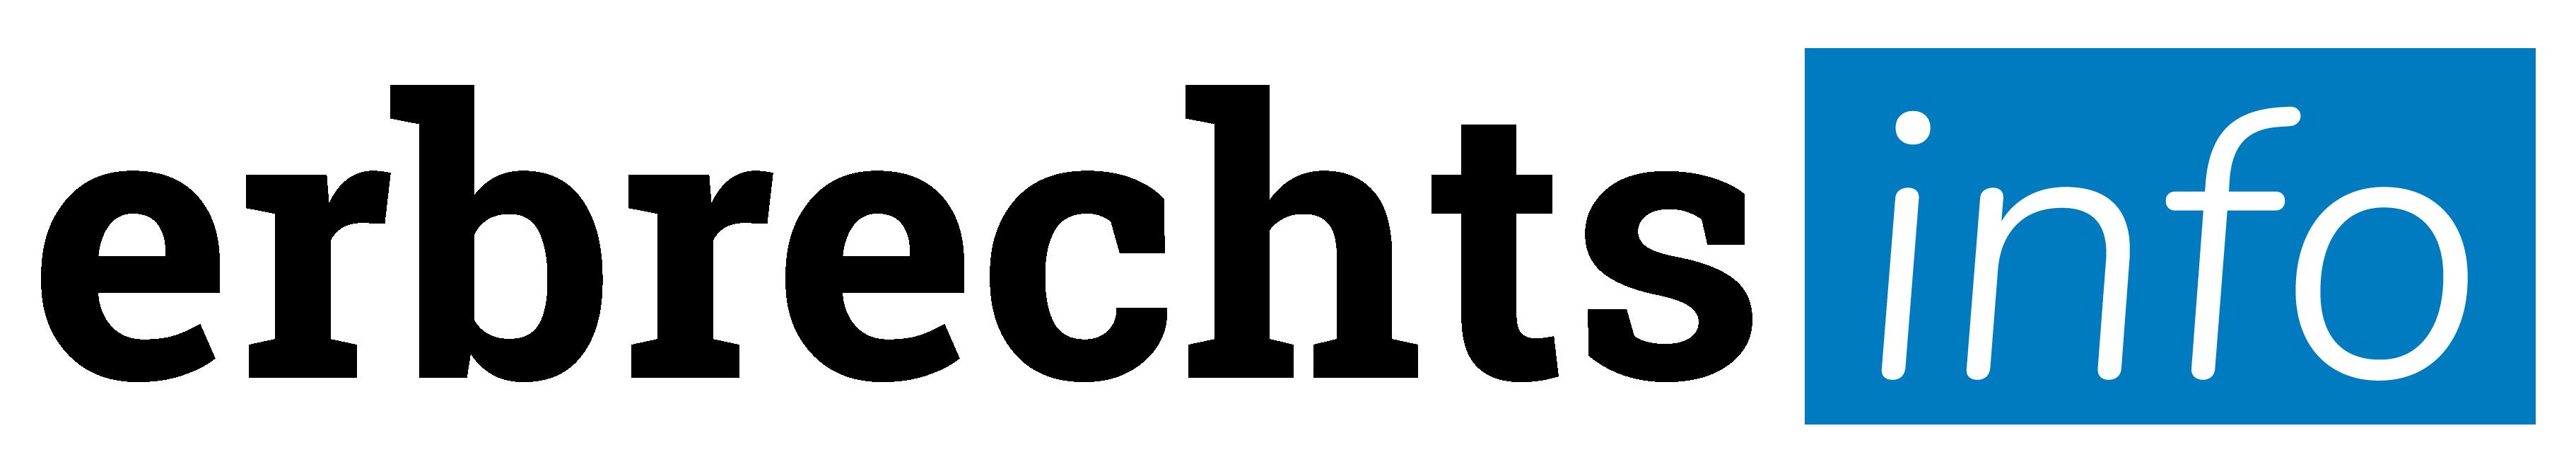 Testamentregister In Osterreich Erklart Nutzen Erbrechtsinfo At